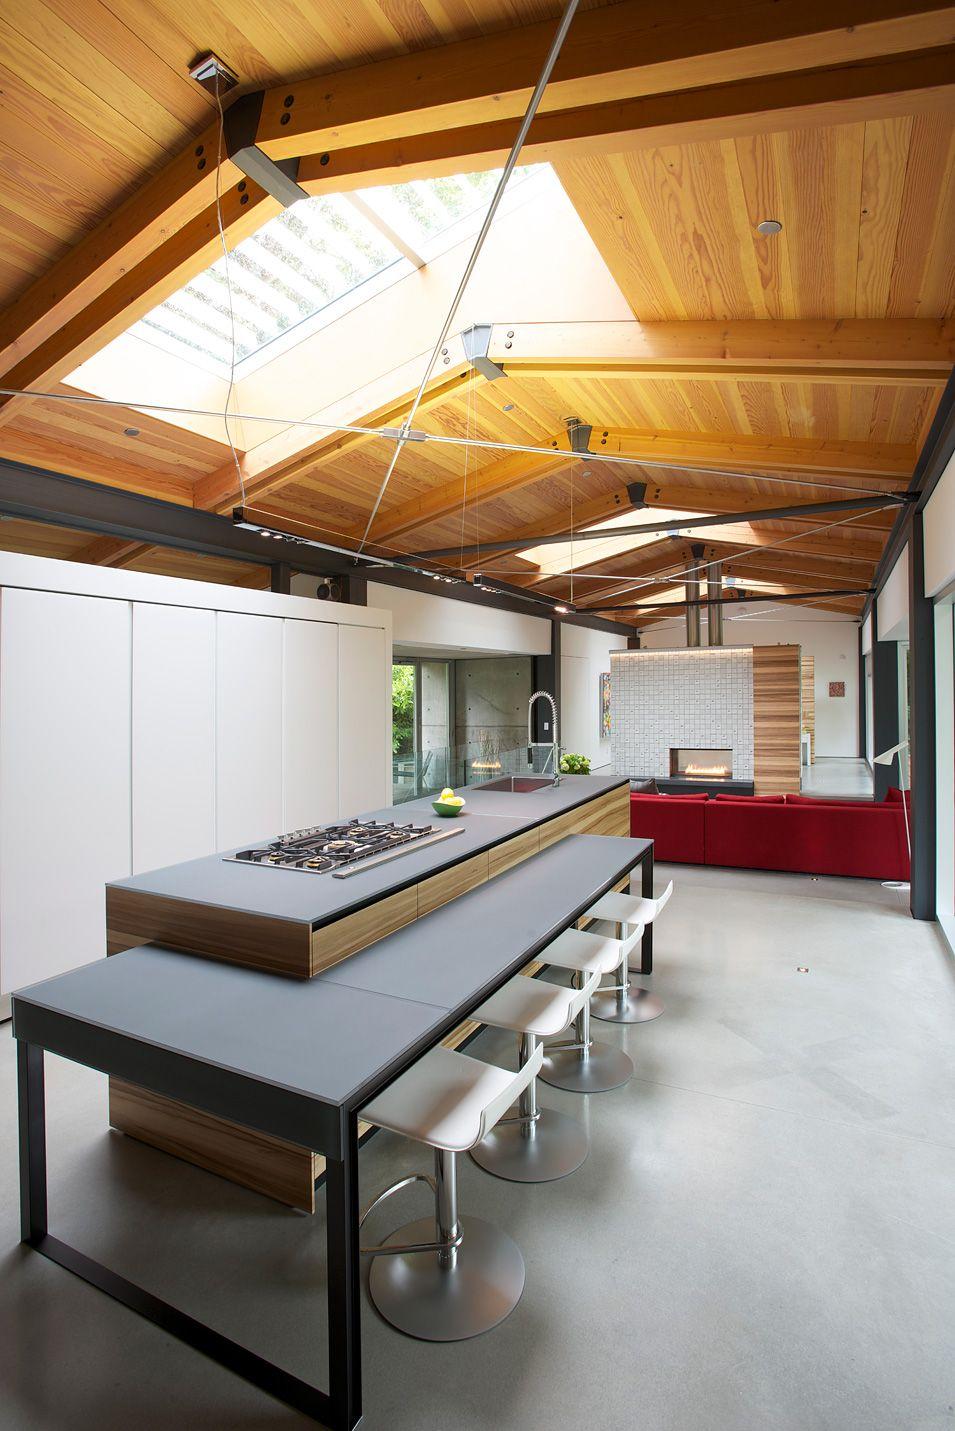 Southlands Residence U2013 Ein Modernes Haus Im Wald | Studio5555